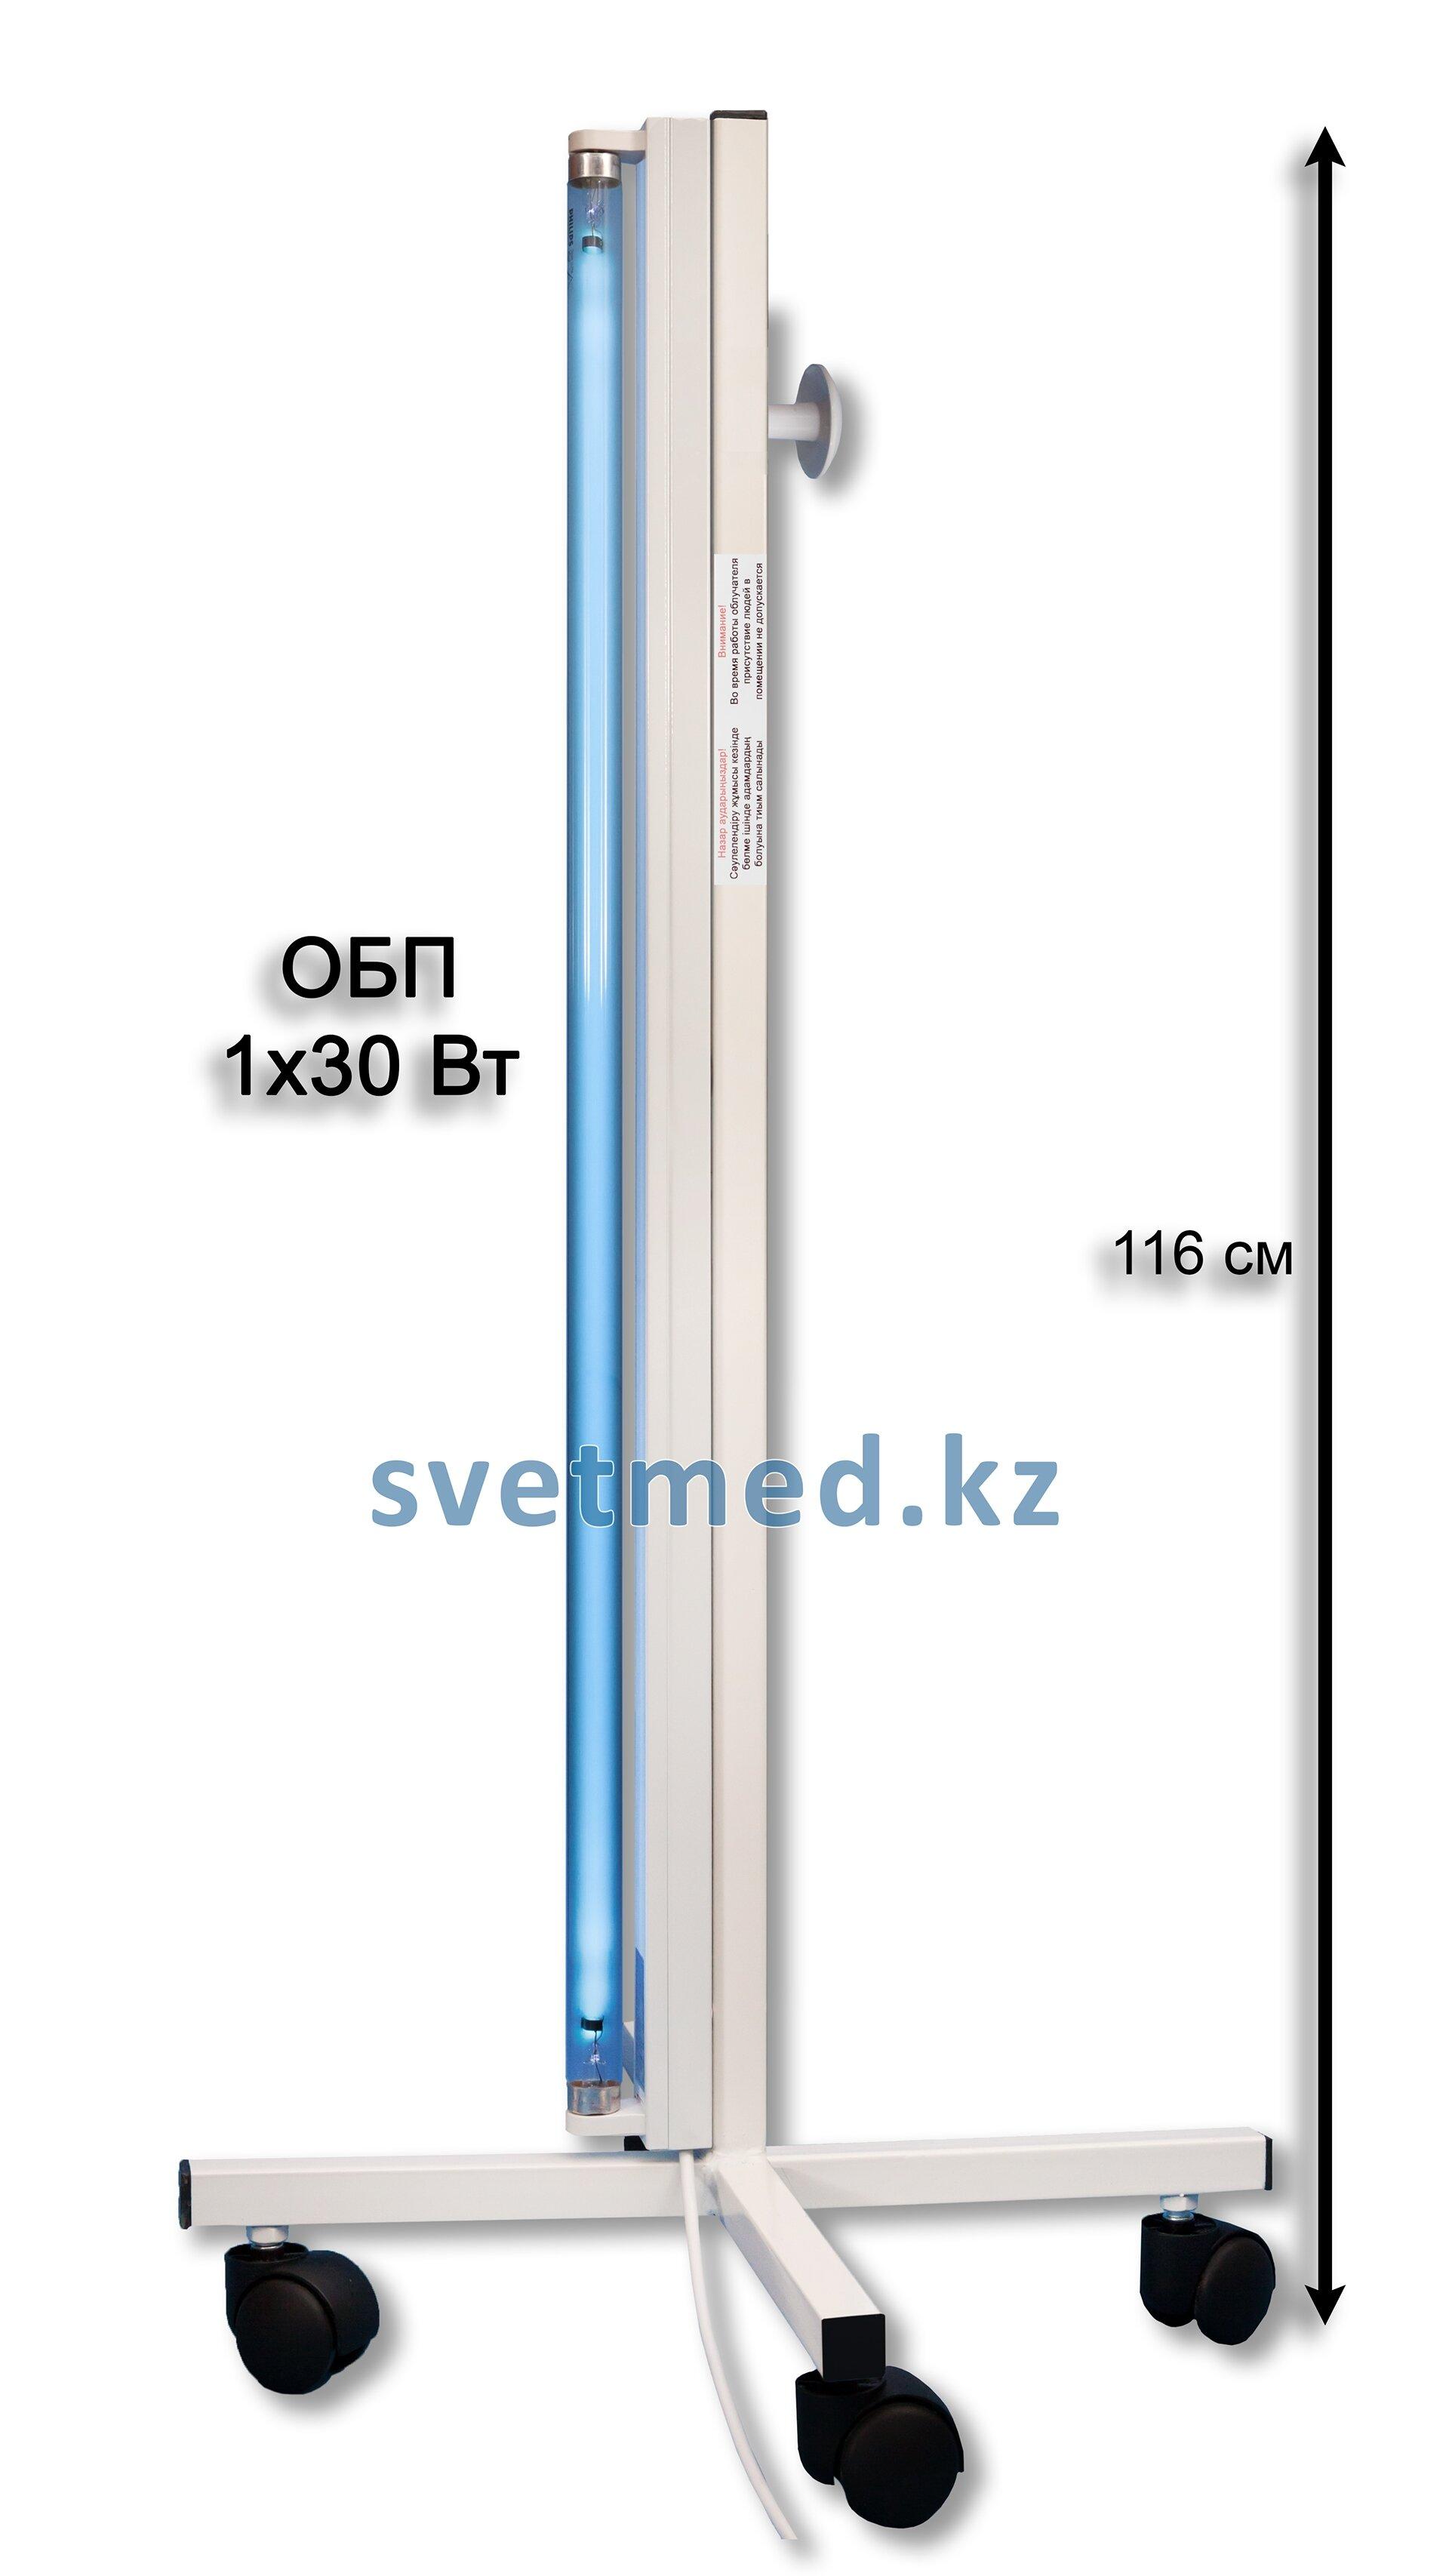 Облучатель бактерицидный передвижной ОБП 1х30 Вт - фото Облучатель бактерицидный передвижной ОБП 1х30 Вт.jpg